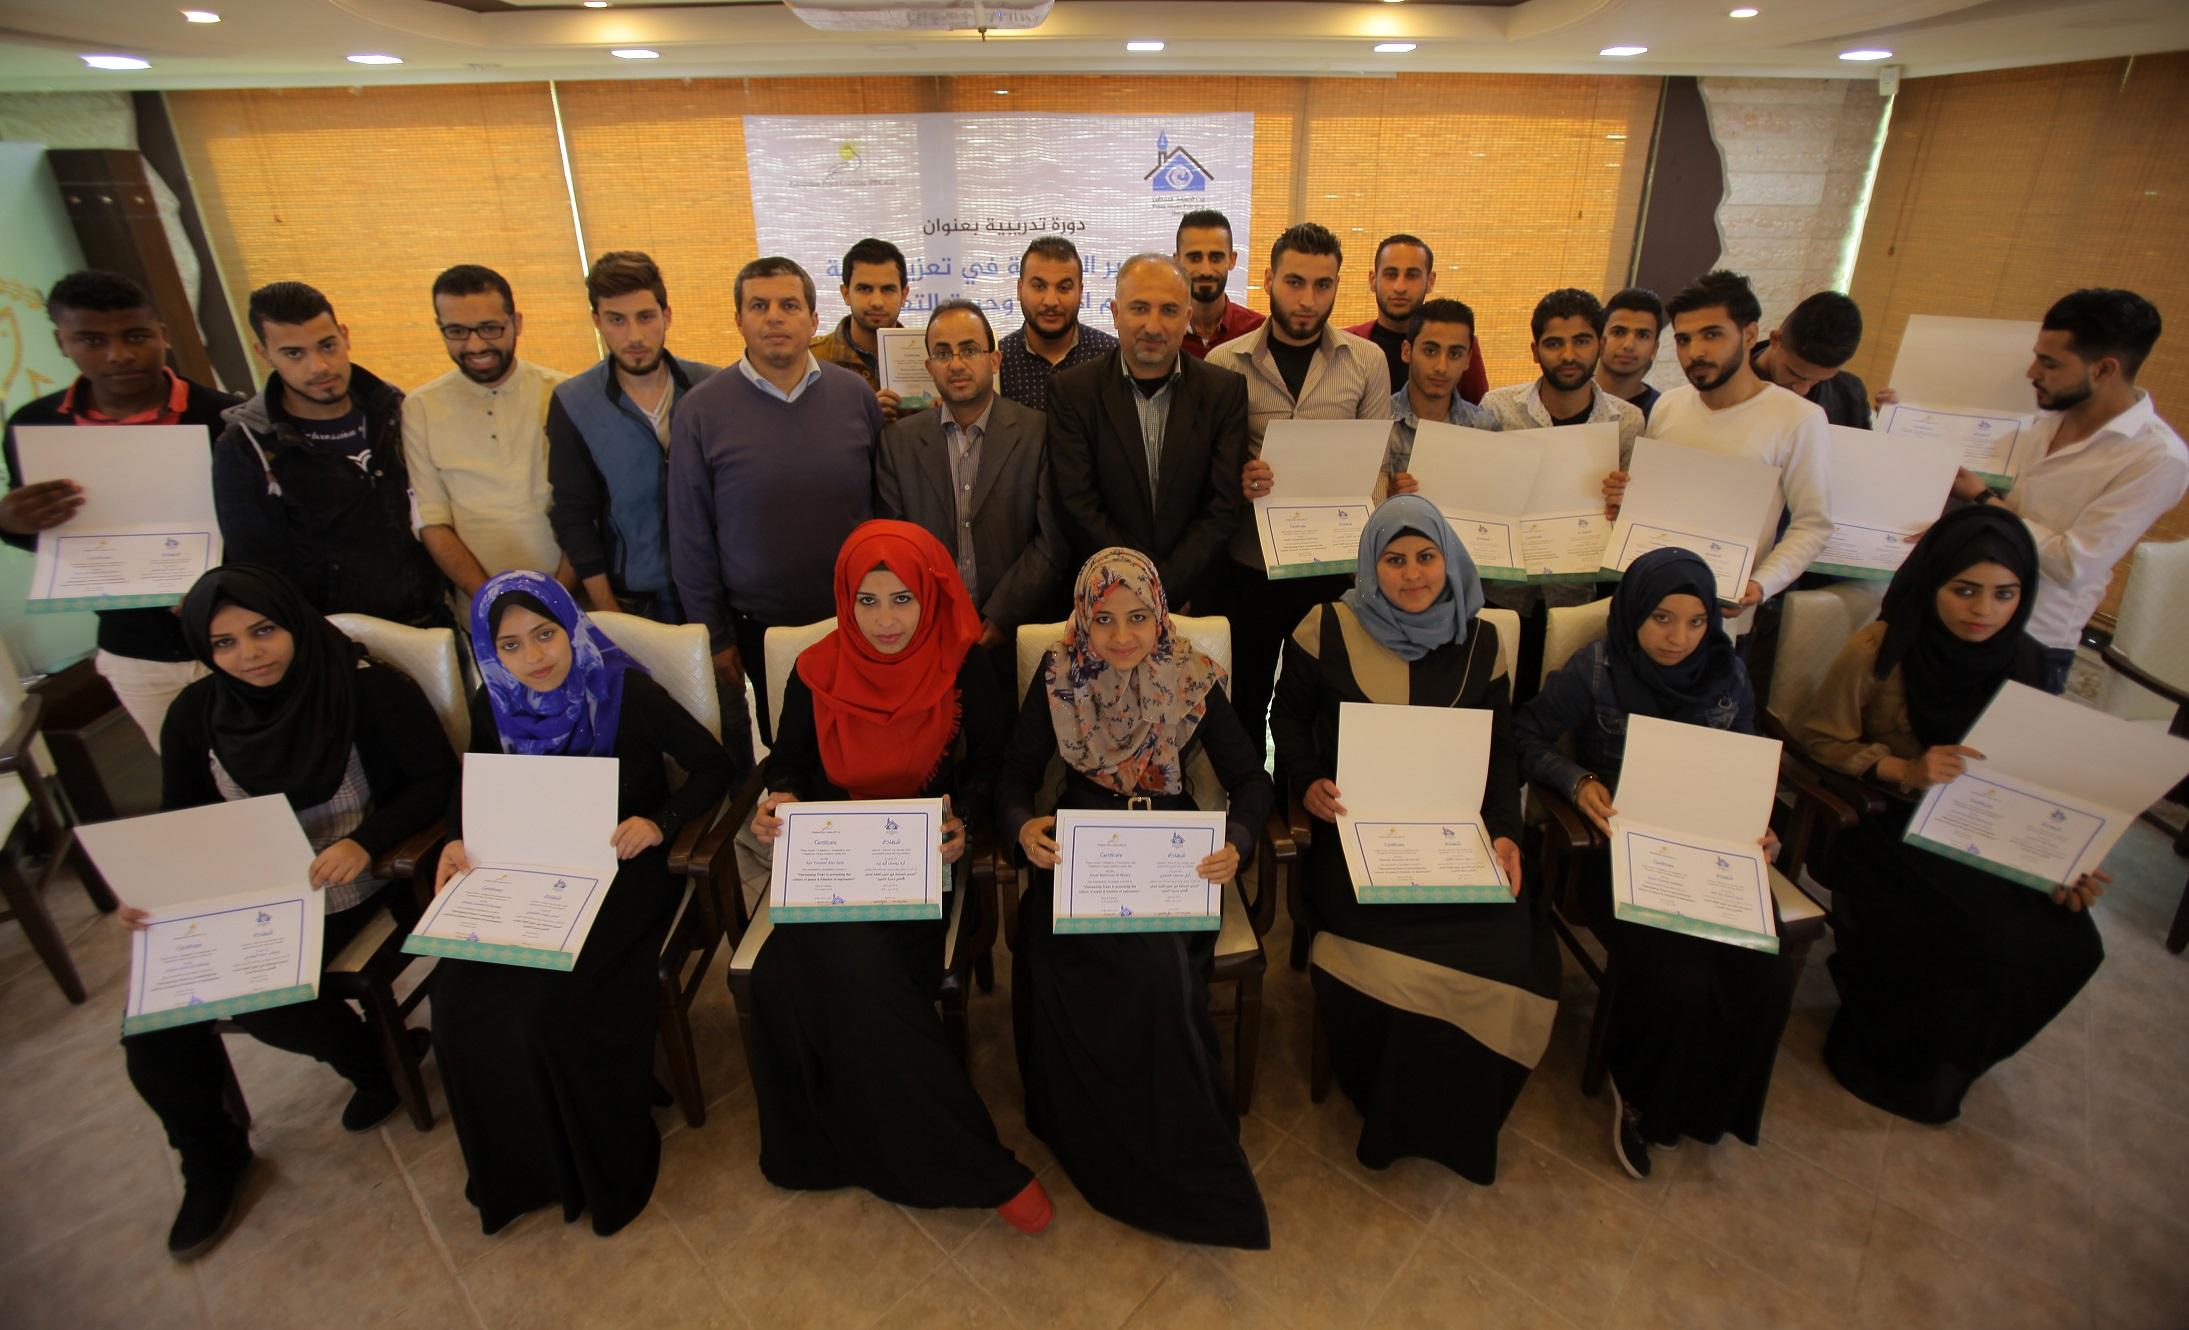 بيت الصحافة وتحالف السلام يختتمان دورة تدريبية حول دور الصحافة في تعزيز ثقافة السلم الاهلي